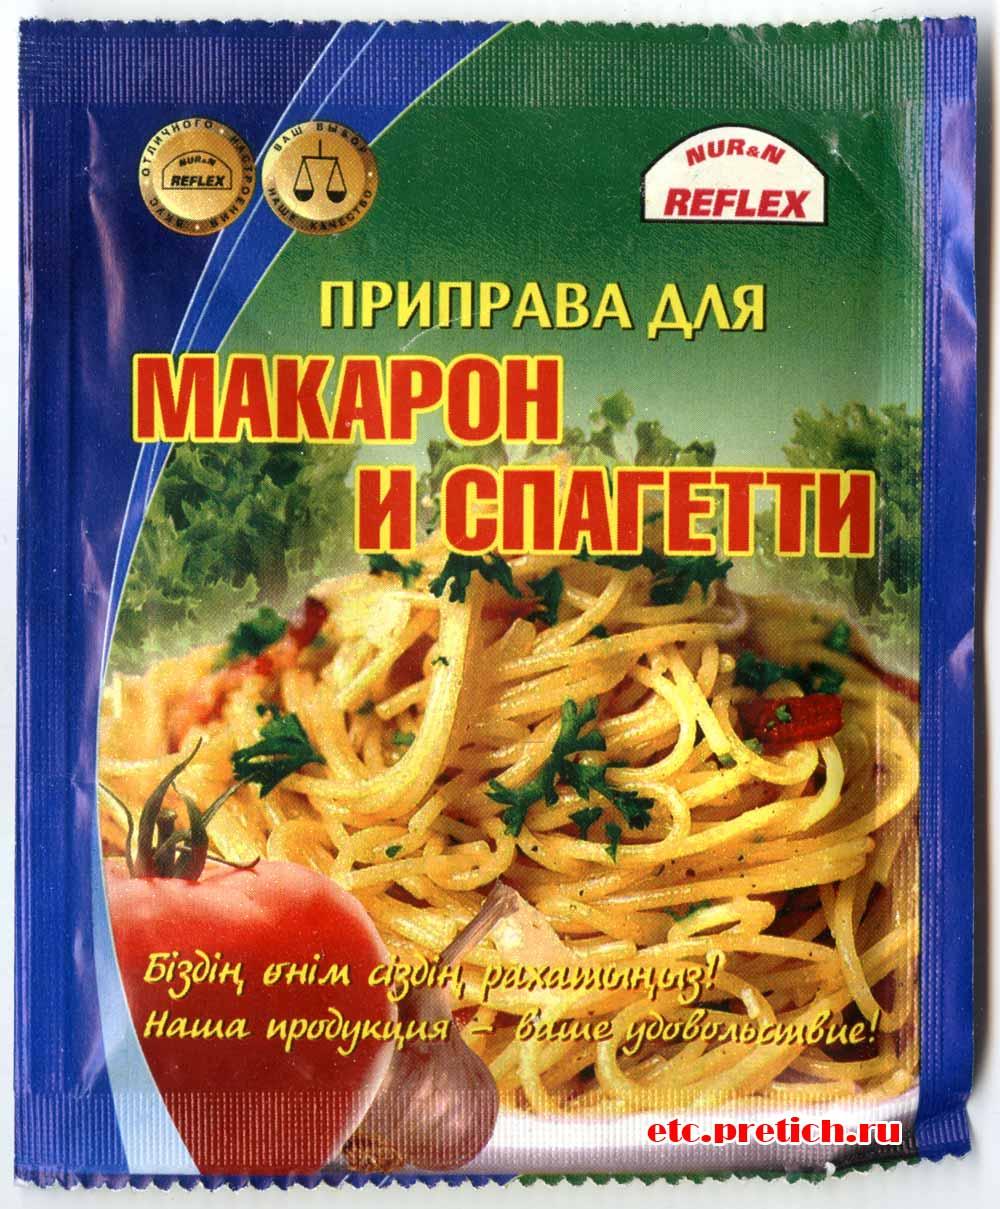 Отзыв на NUR & N REFLEX приправа для макарон и спагетти из Алматы